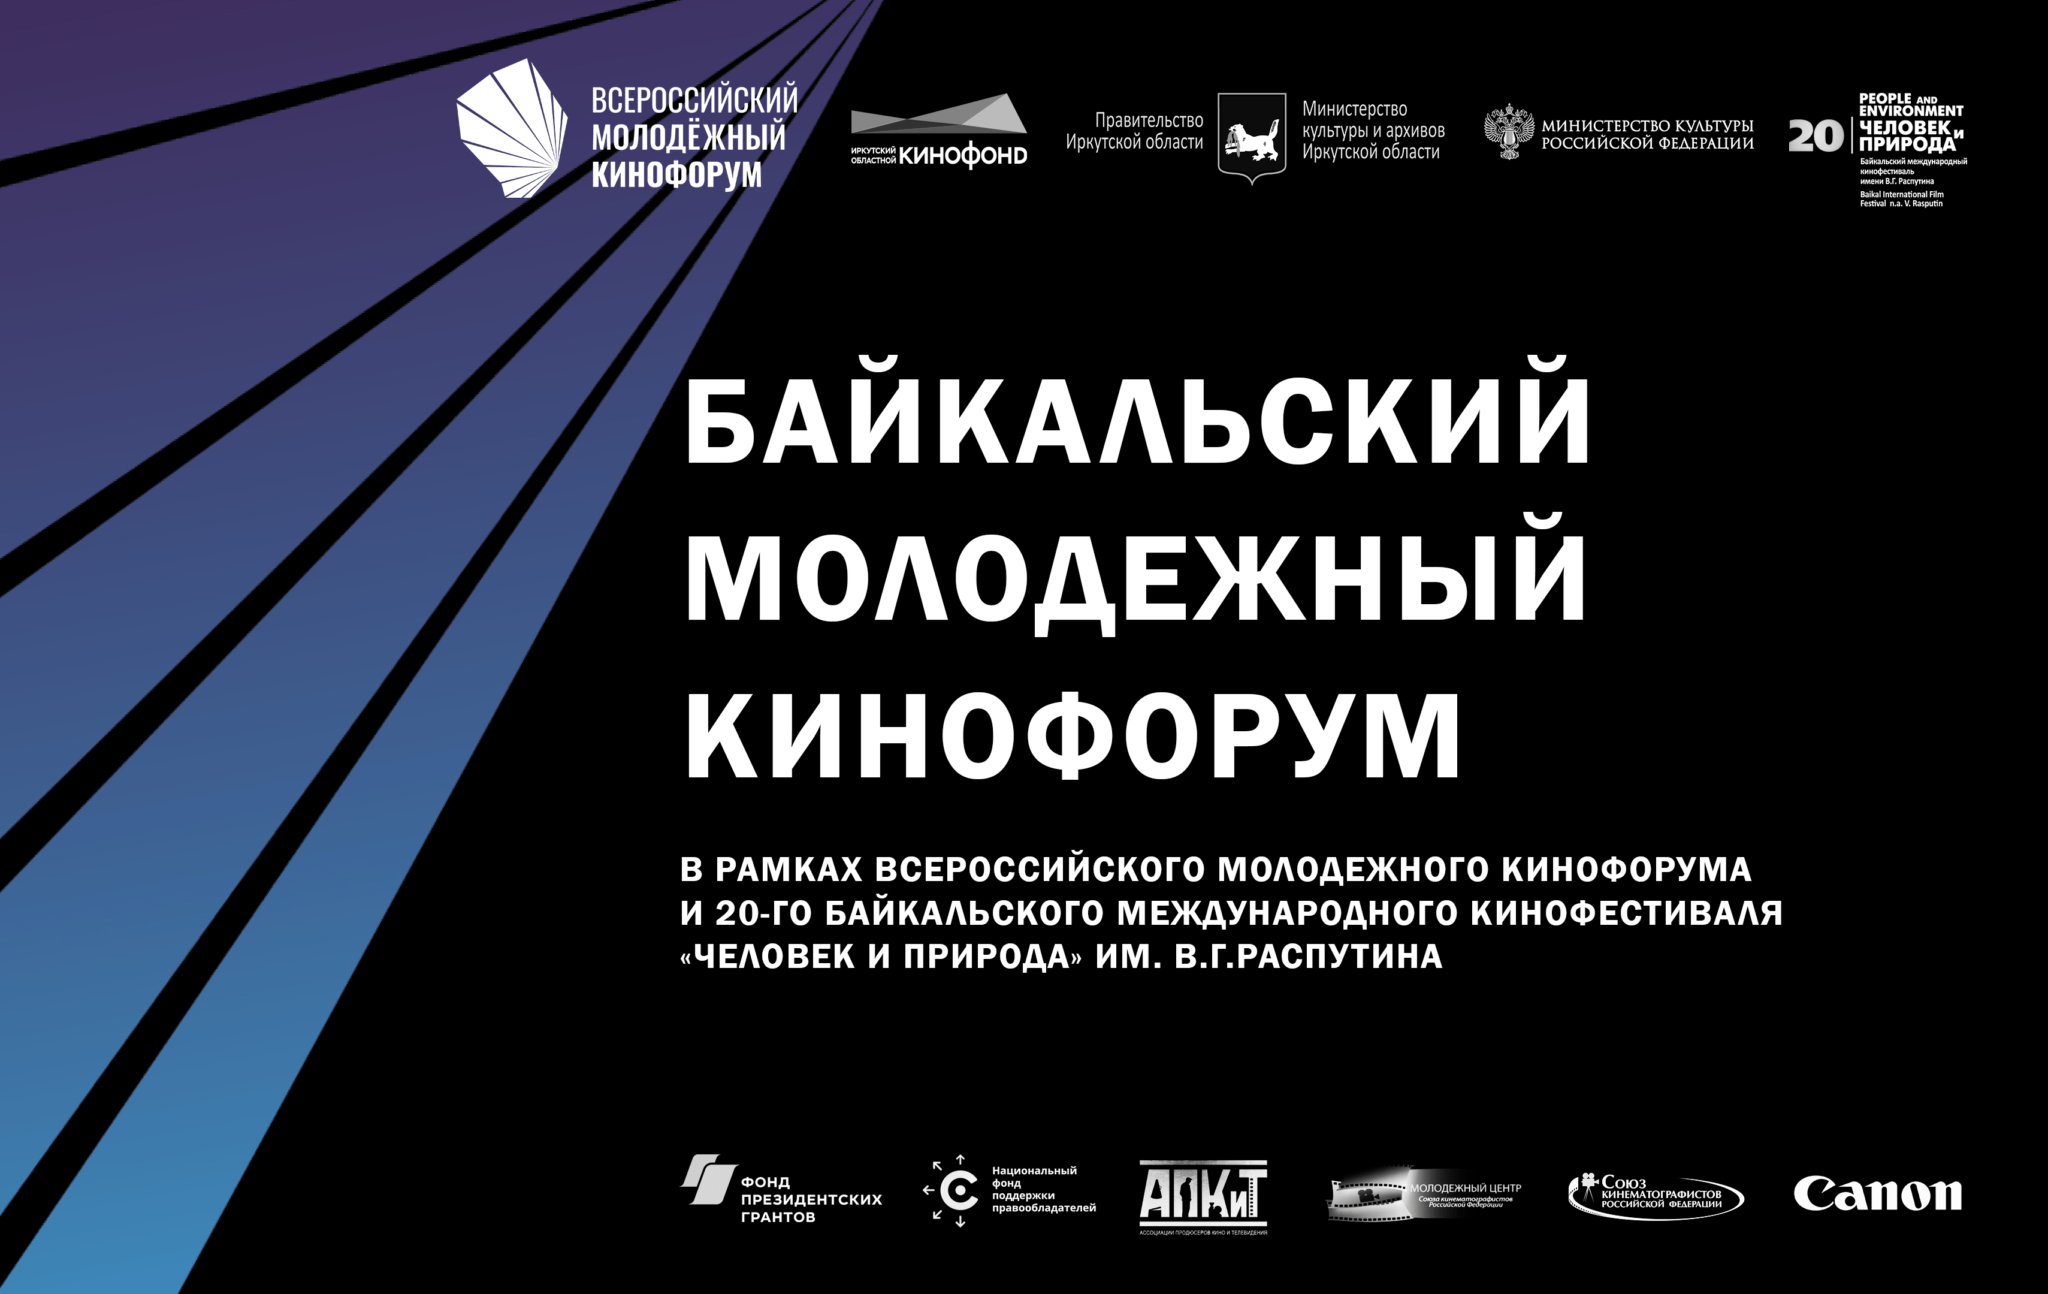 В Иркутске завершился Байкальский молодежный кинофорум